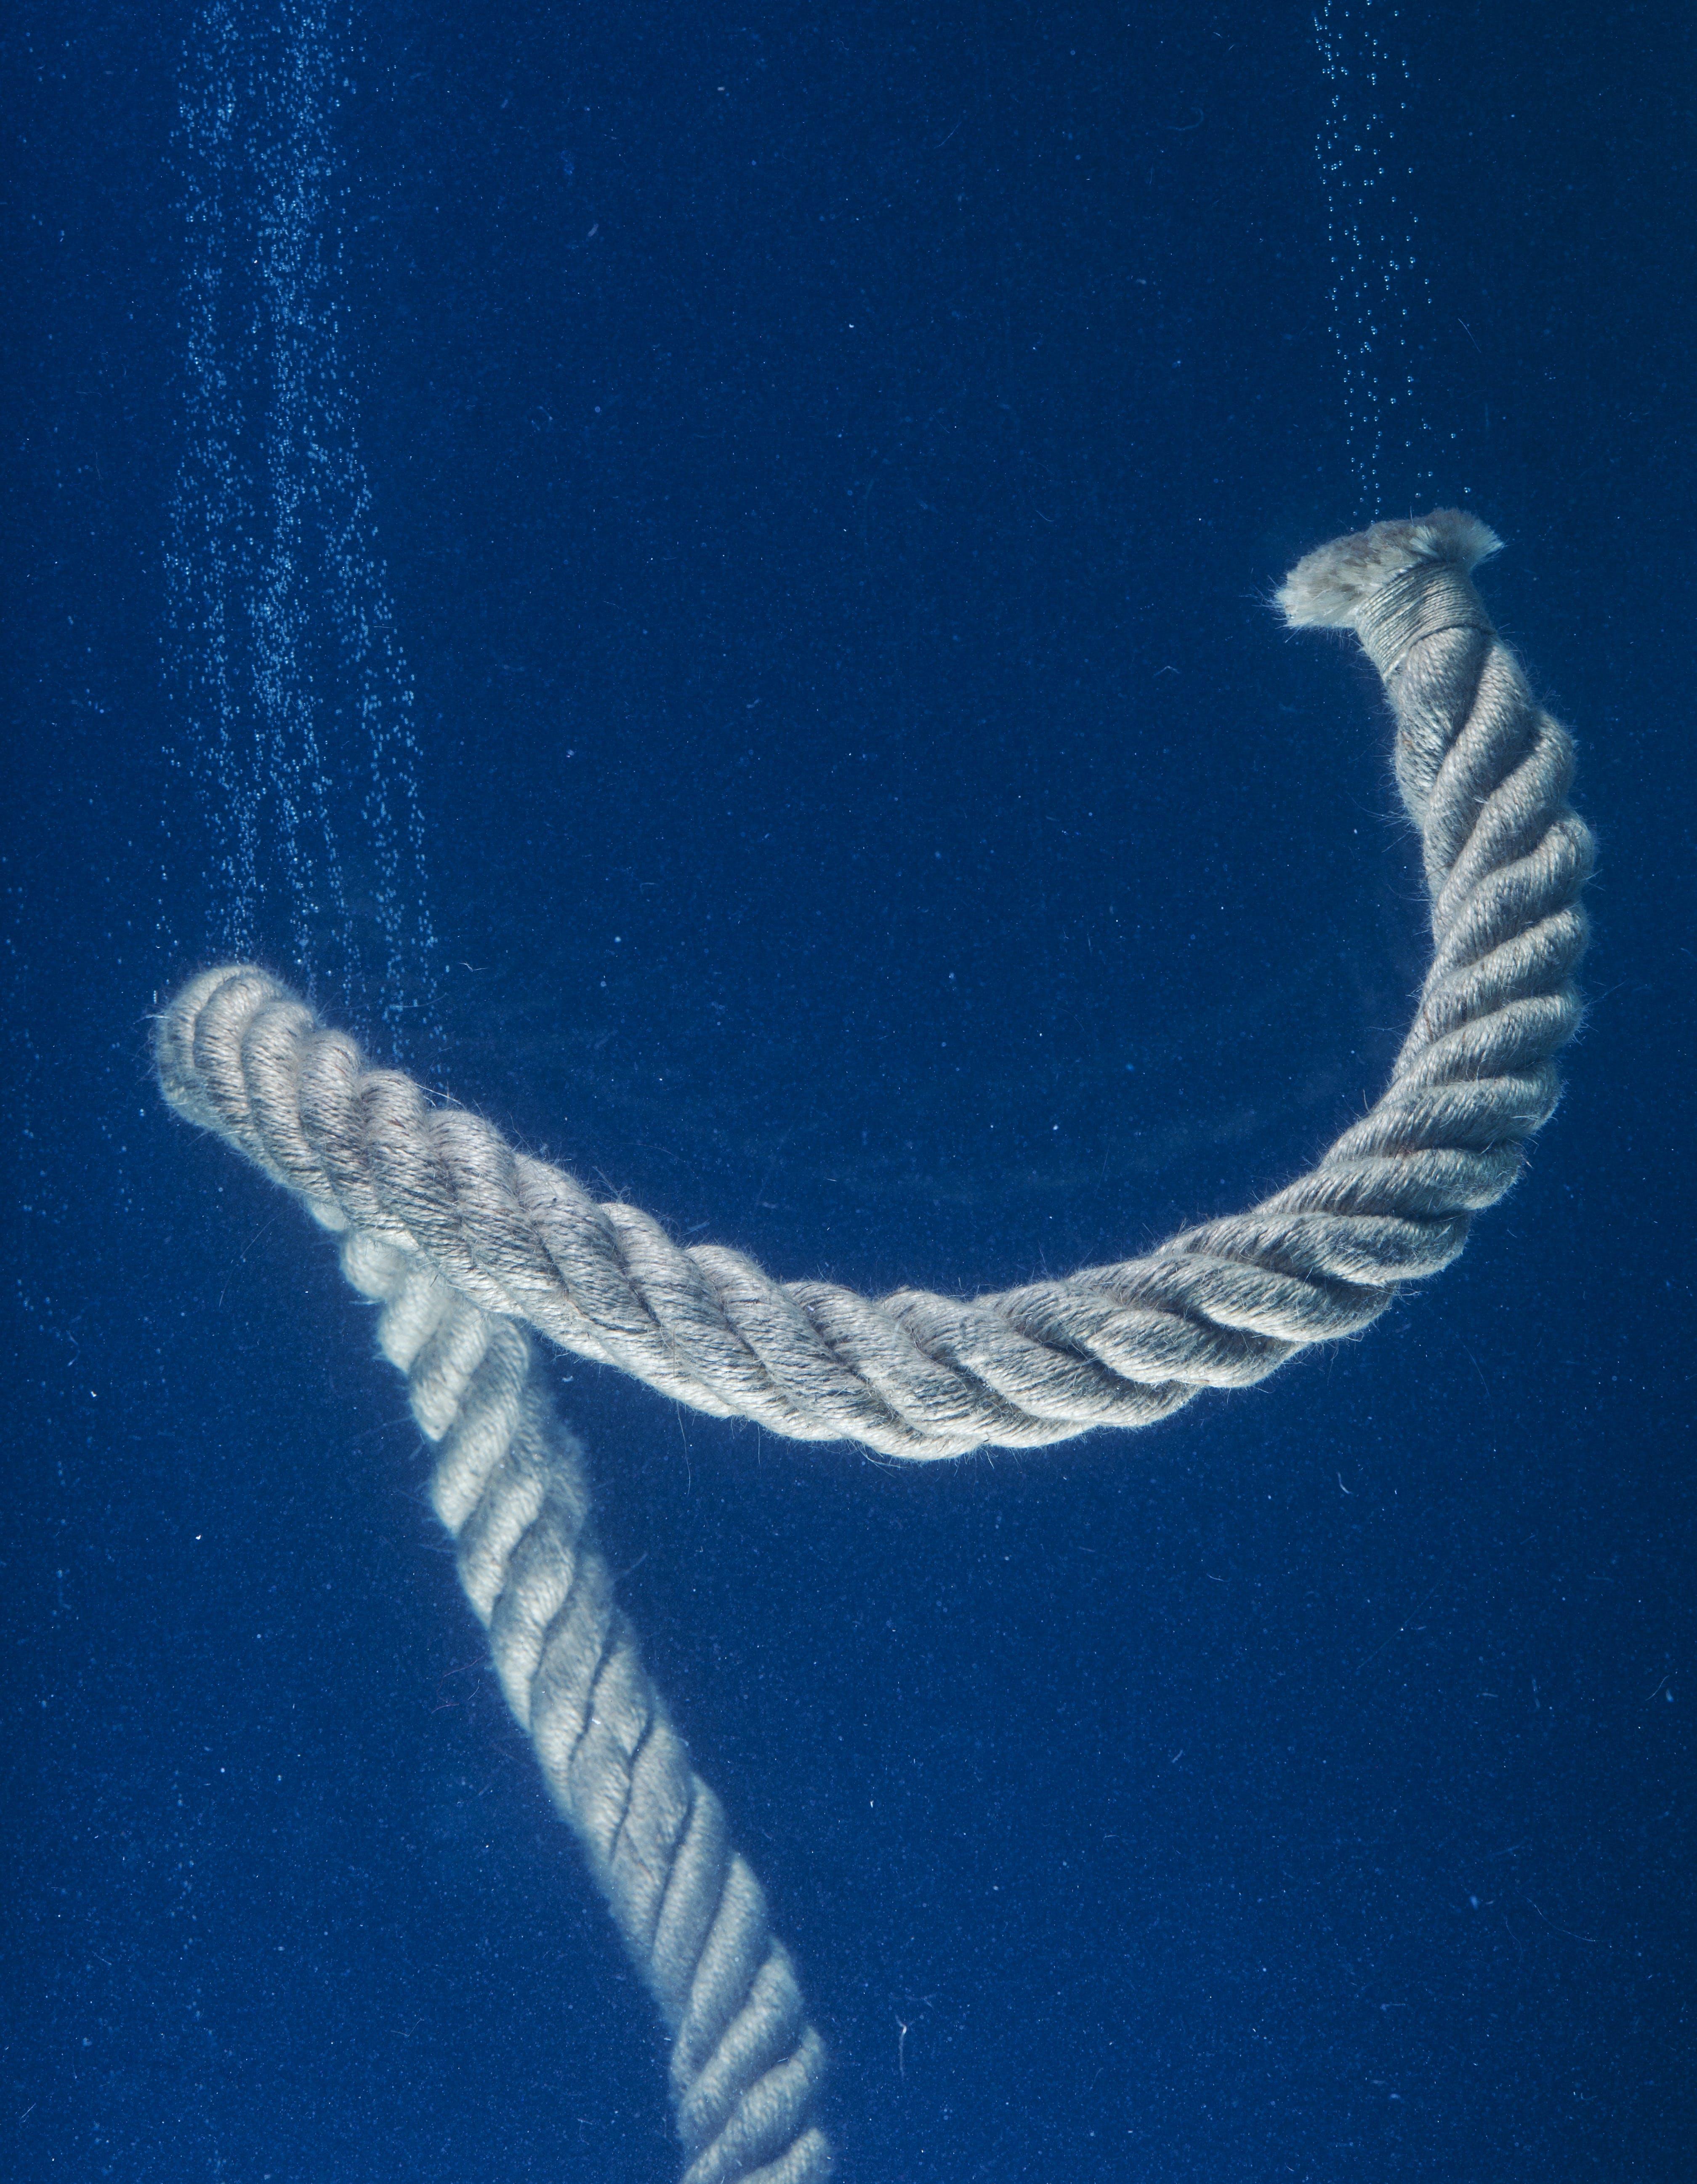 Underwater Photo of Brown Rope